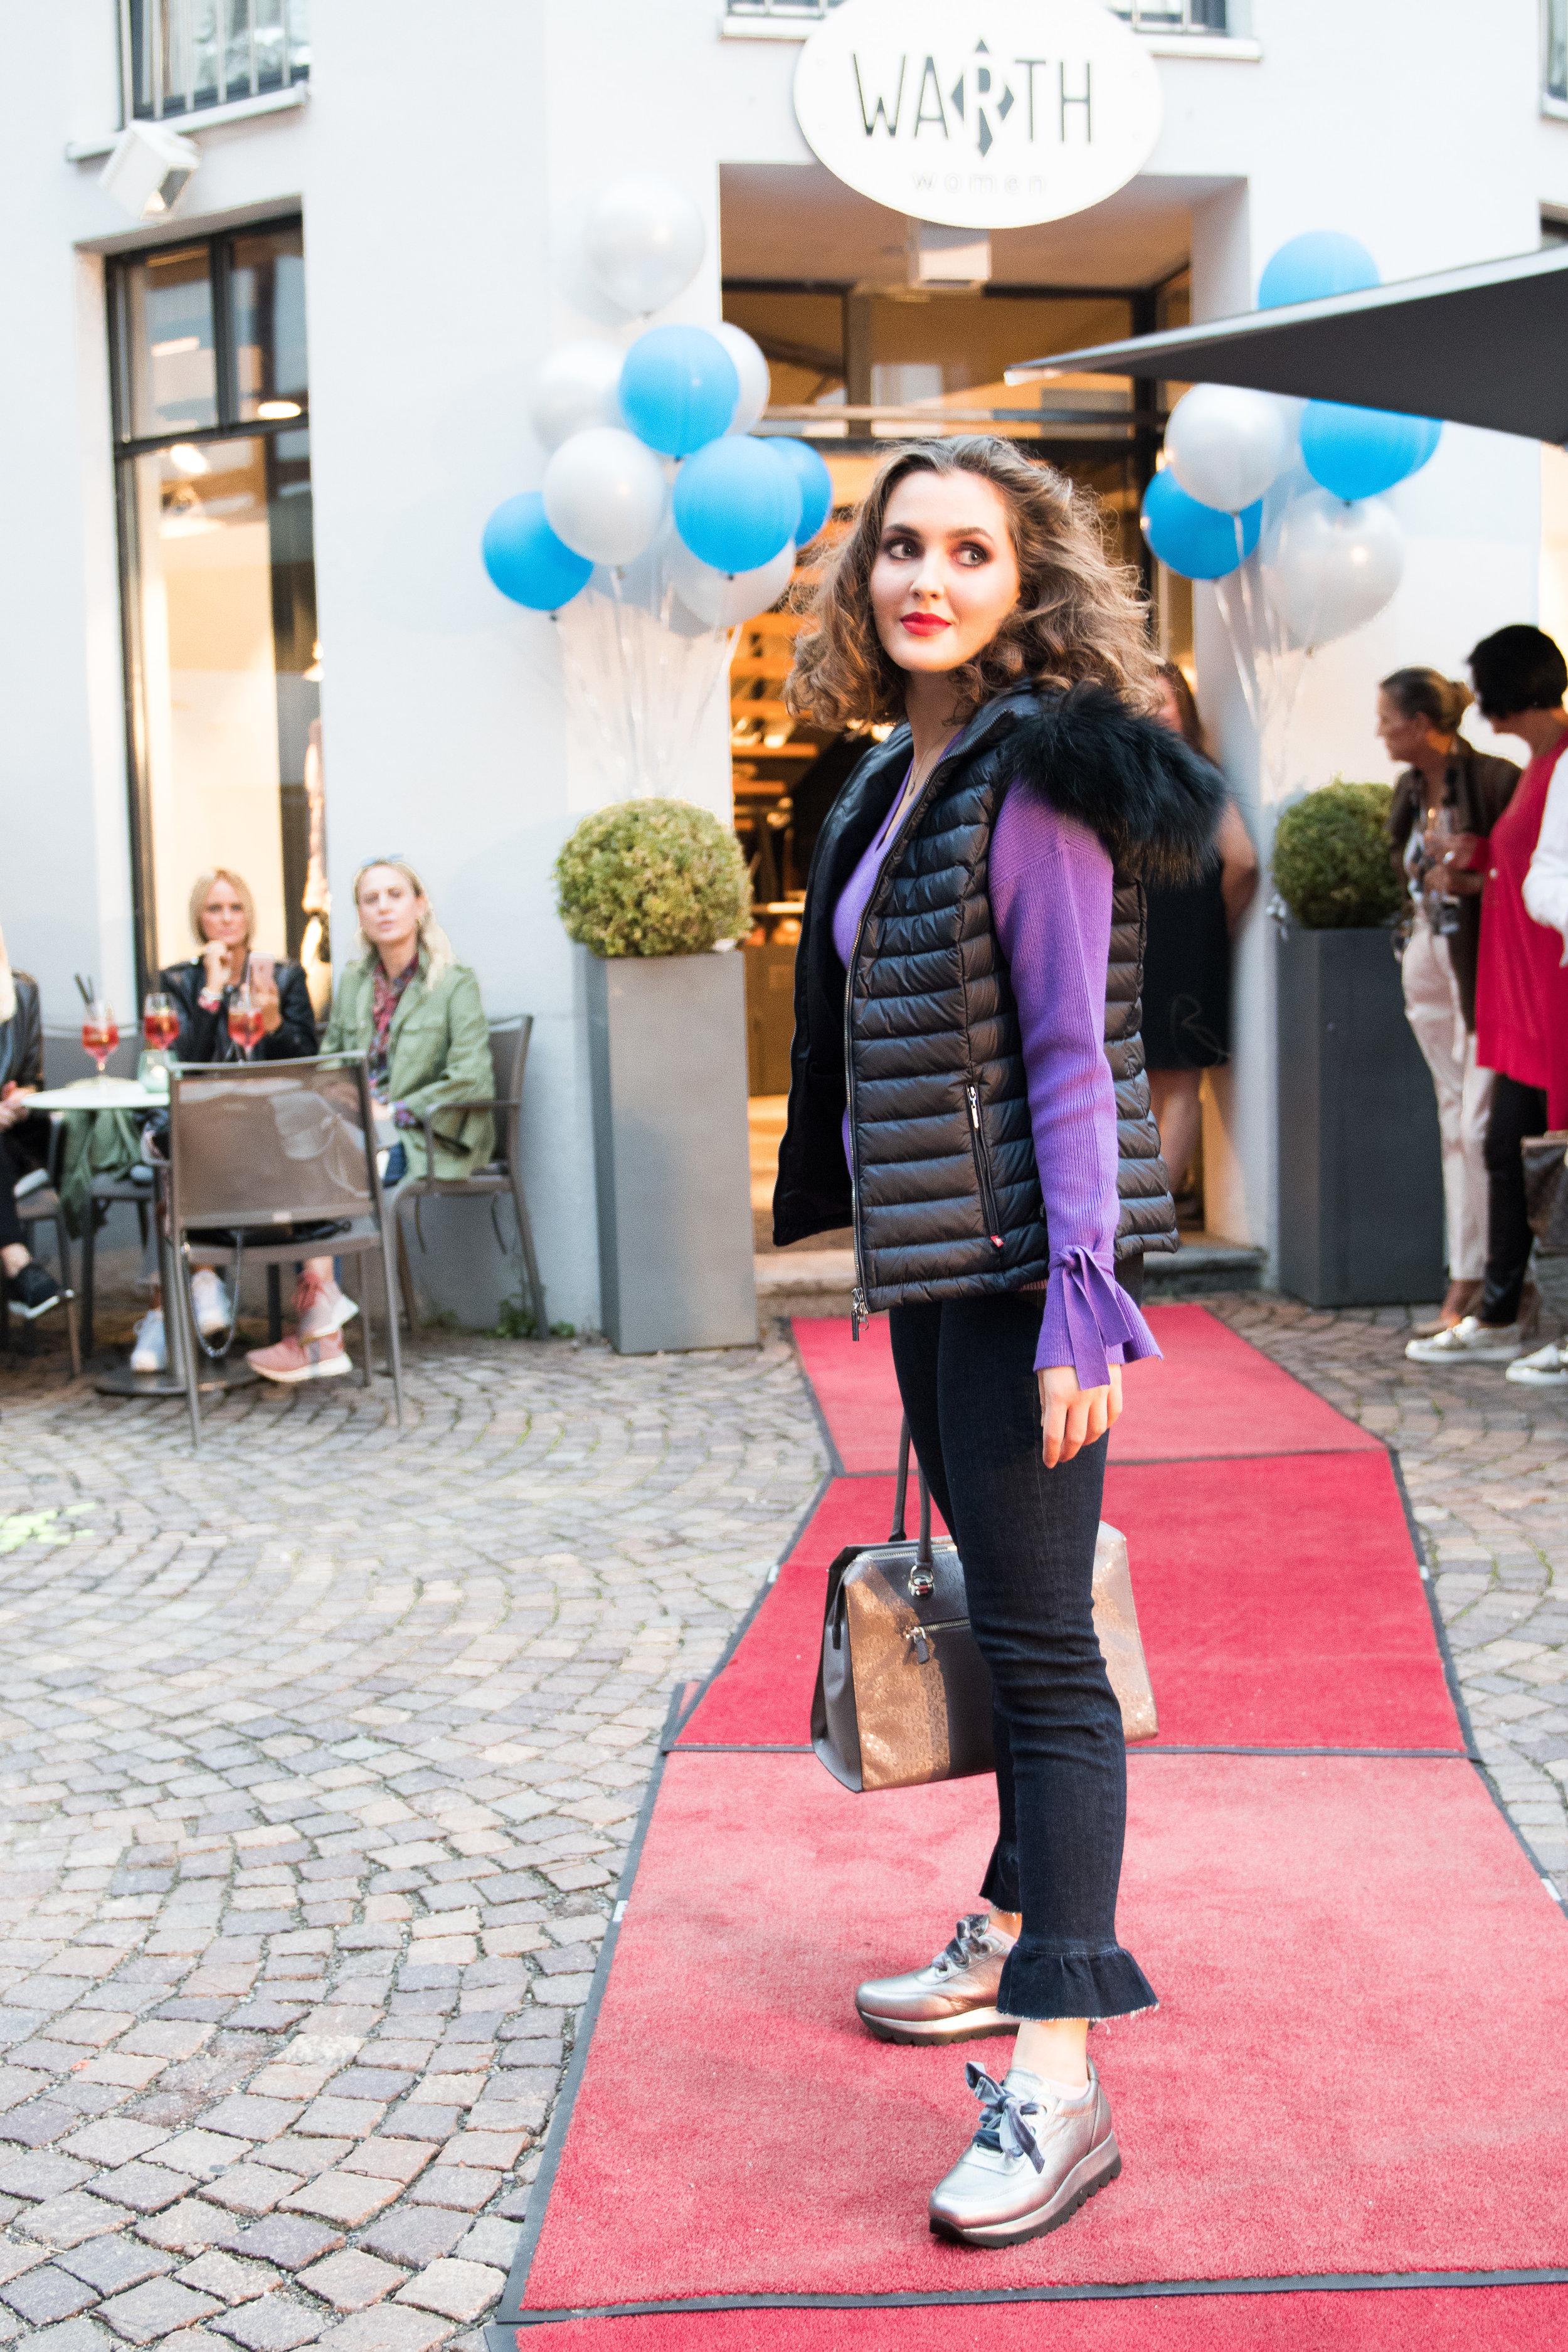 Fashionshowbackstage_41.jpg